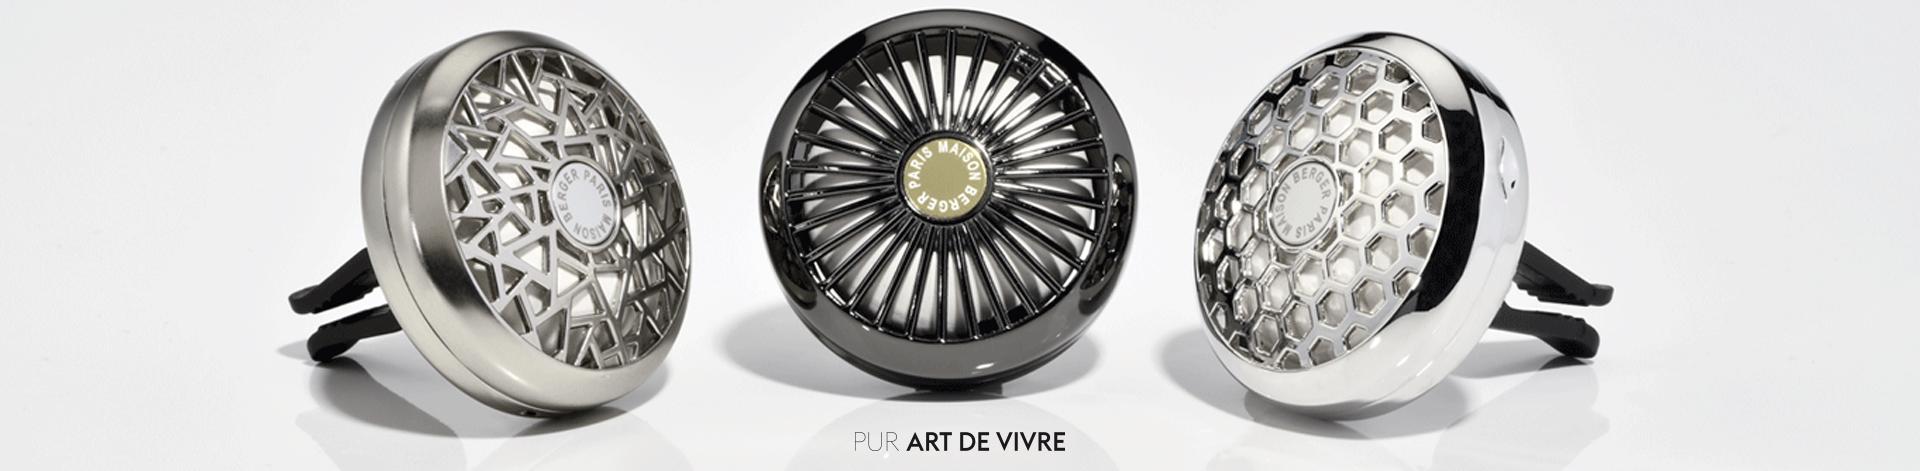 bandeau diffuseurs voiture 1 Kit Perfume Happy Maison Berger 2 peças